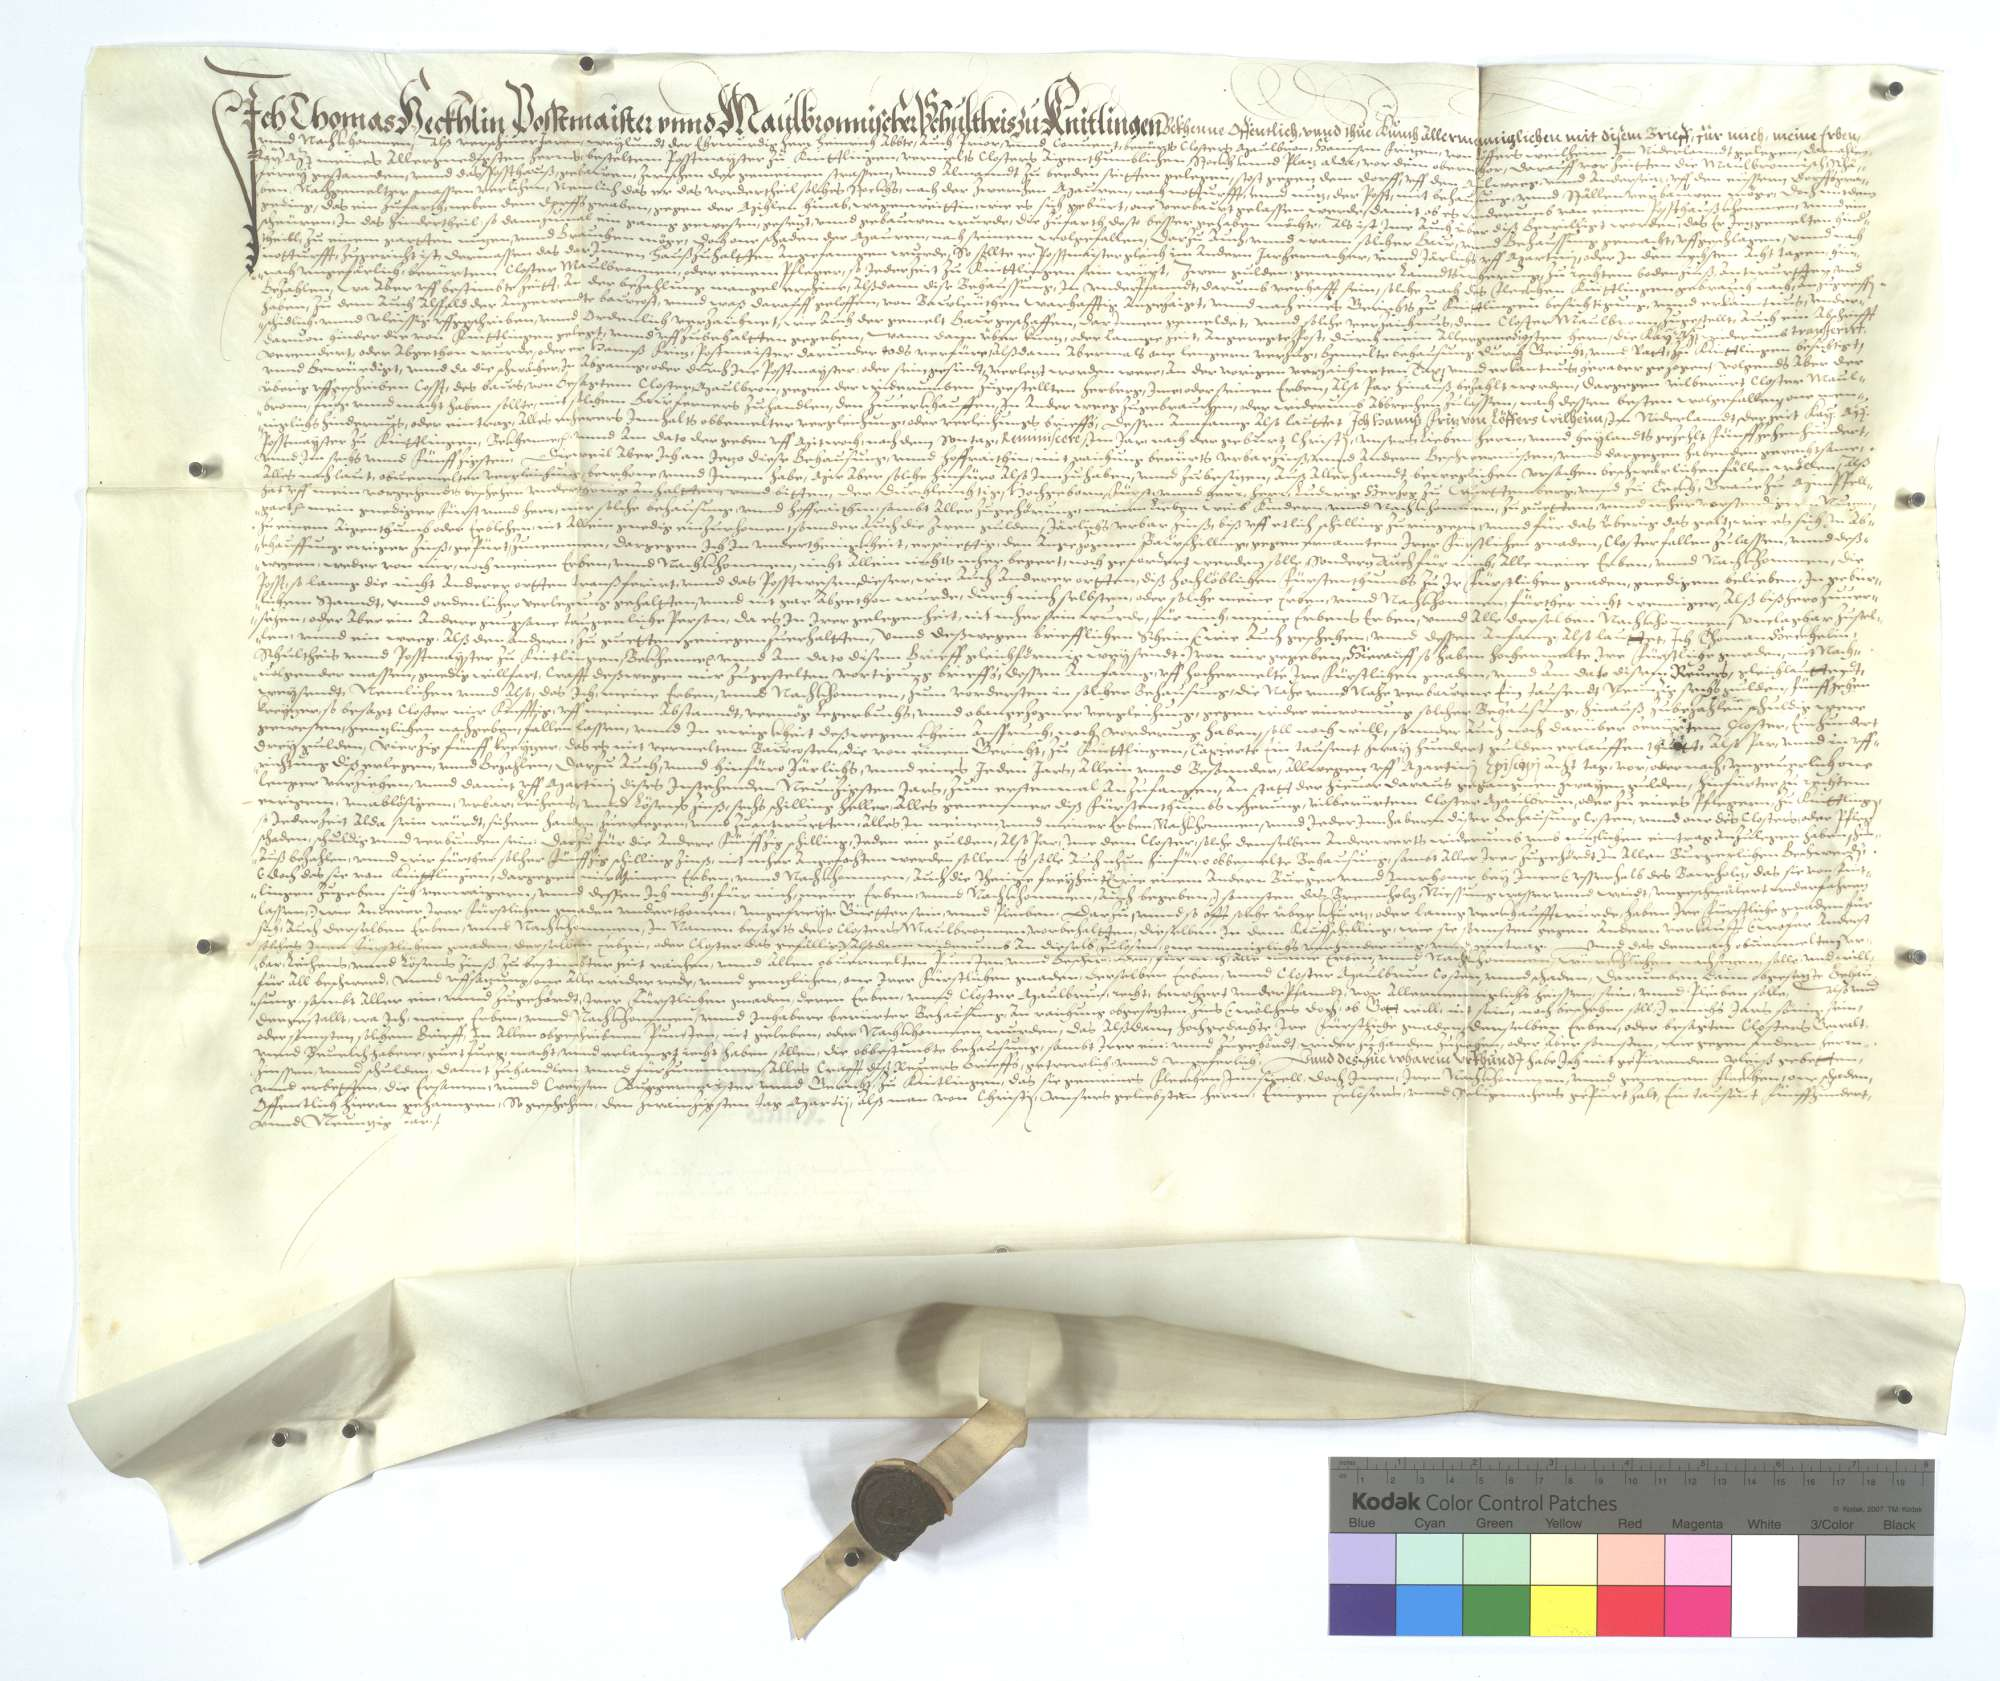 Revers des Postmeister und Schultheiß Thomas Hecklin von Knittlingen wegen seiner innehabenden Postbehausung., Text